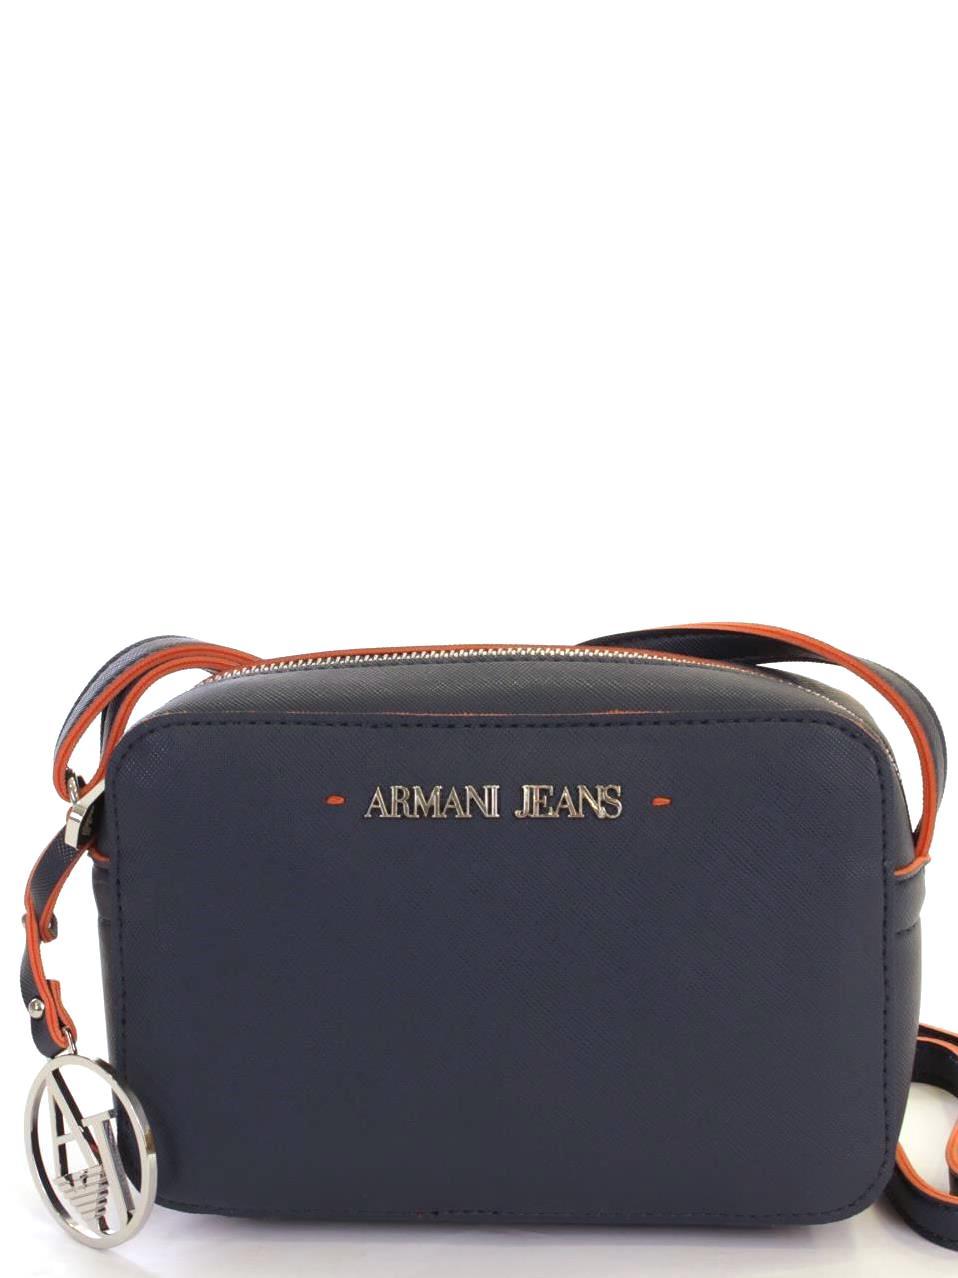 Malas Tiracolo Armani Jeans, Emporio Armani - 529 922534